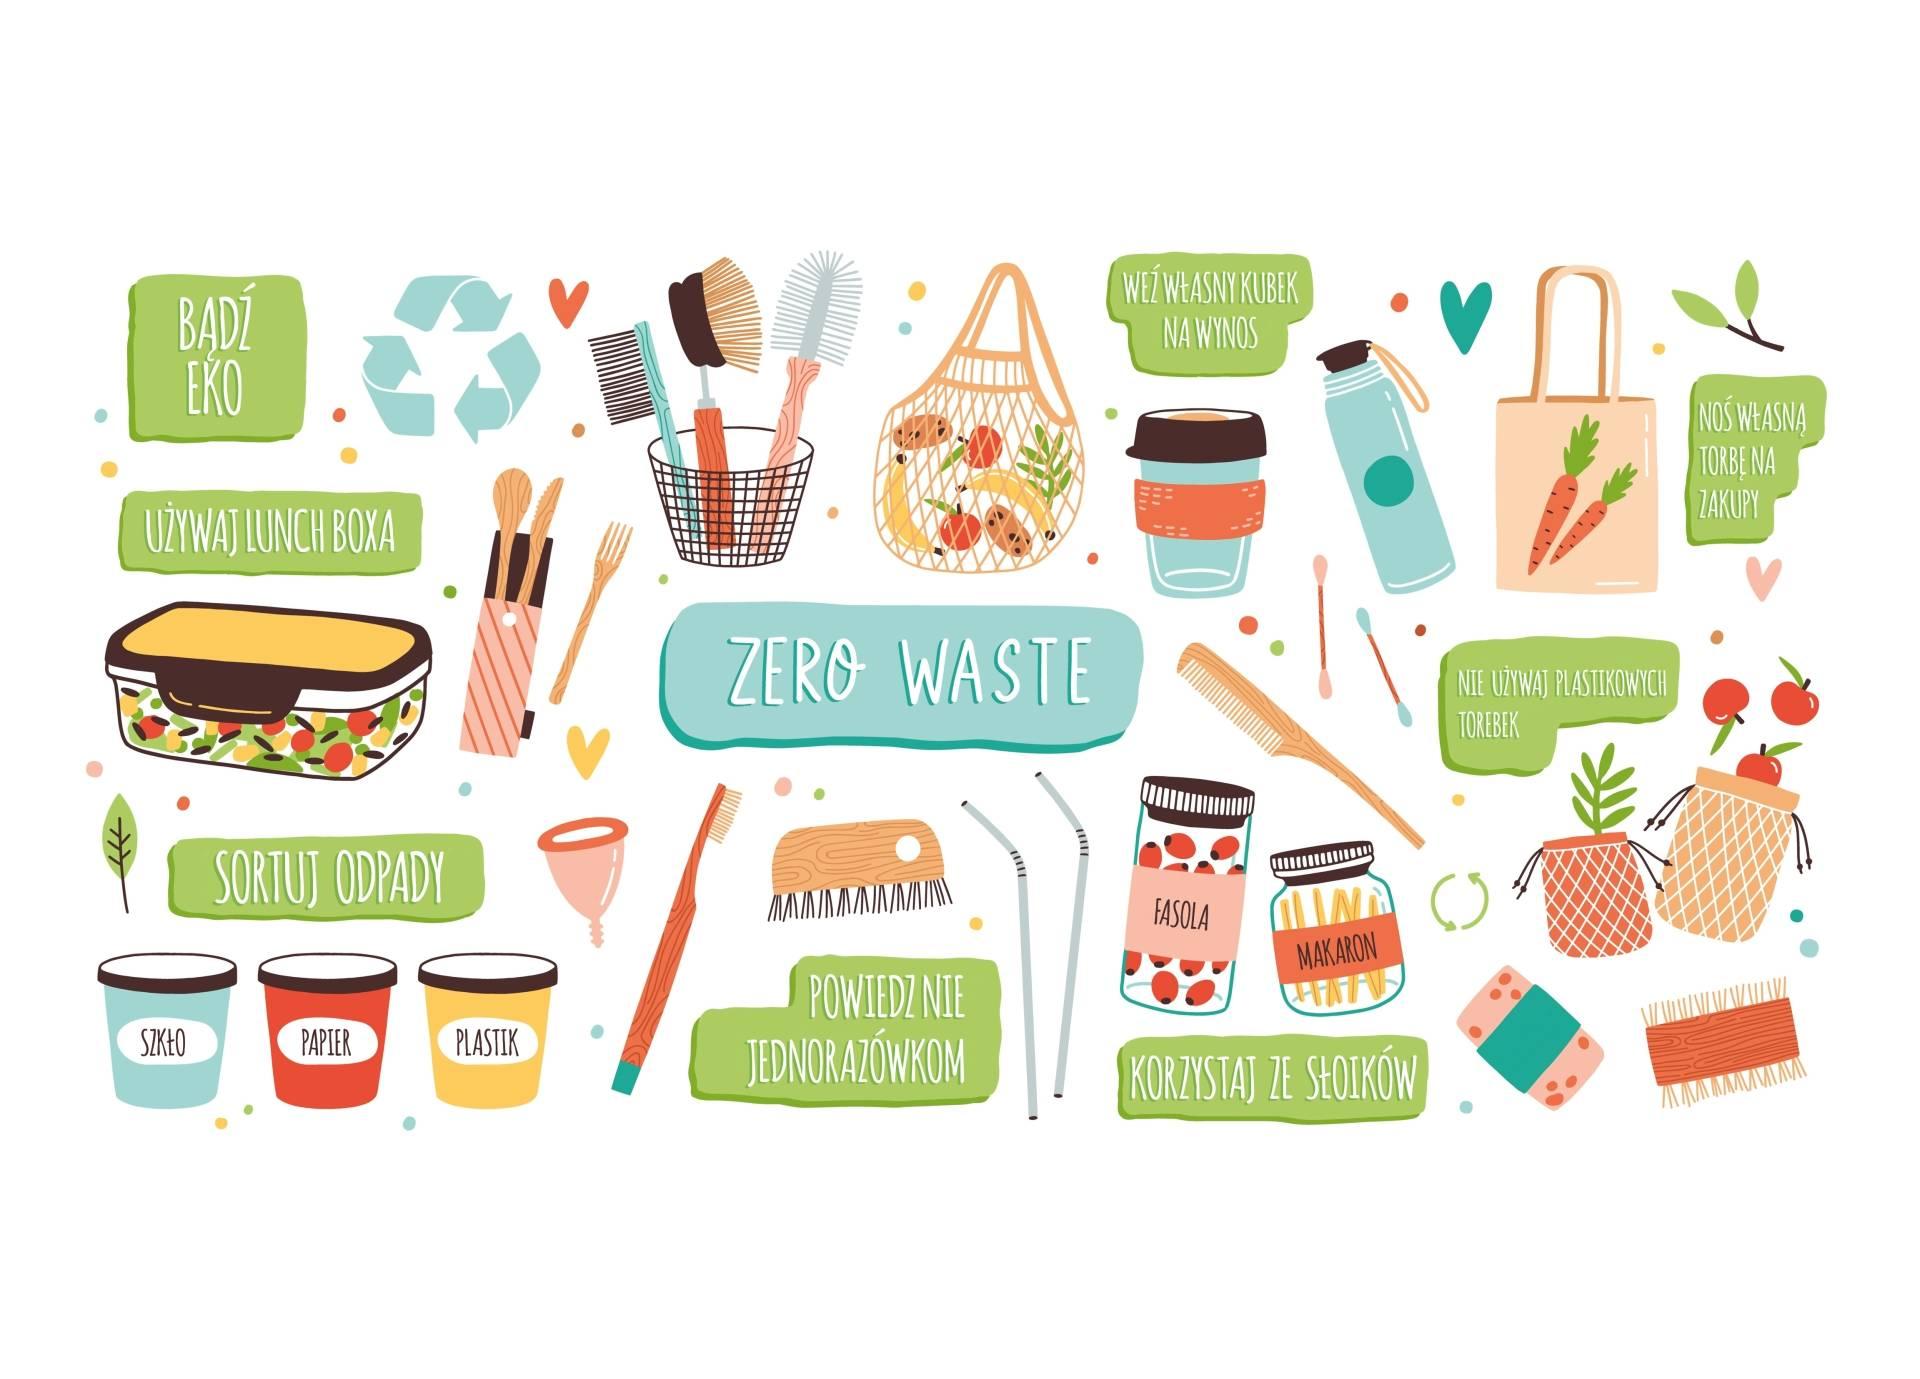 Infografika przedstawiająca główne zasady życia w duchu zero waste. Jak dbać o środowisko na własną rękę?